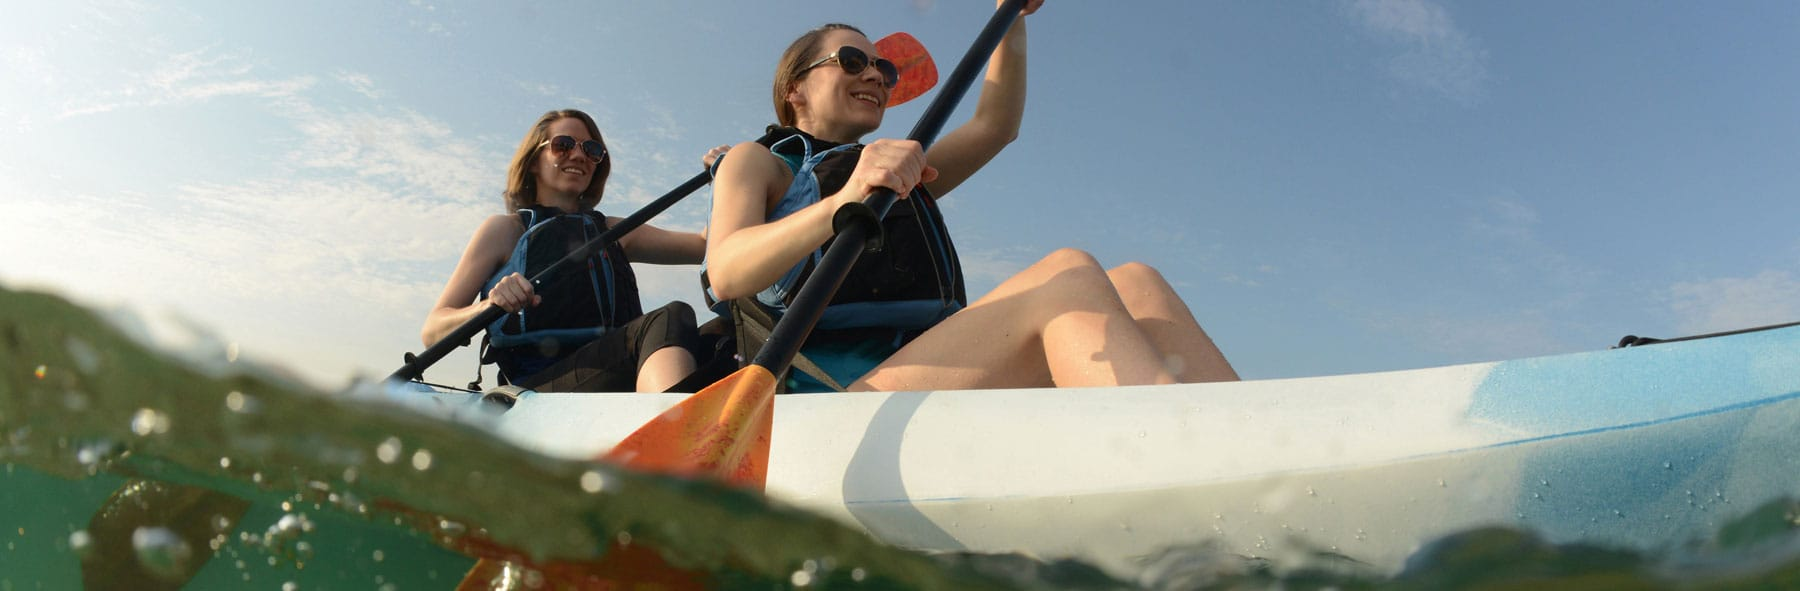 kayaks for sale or rent in door county